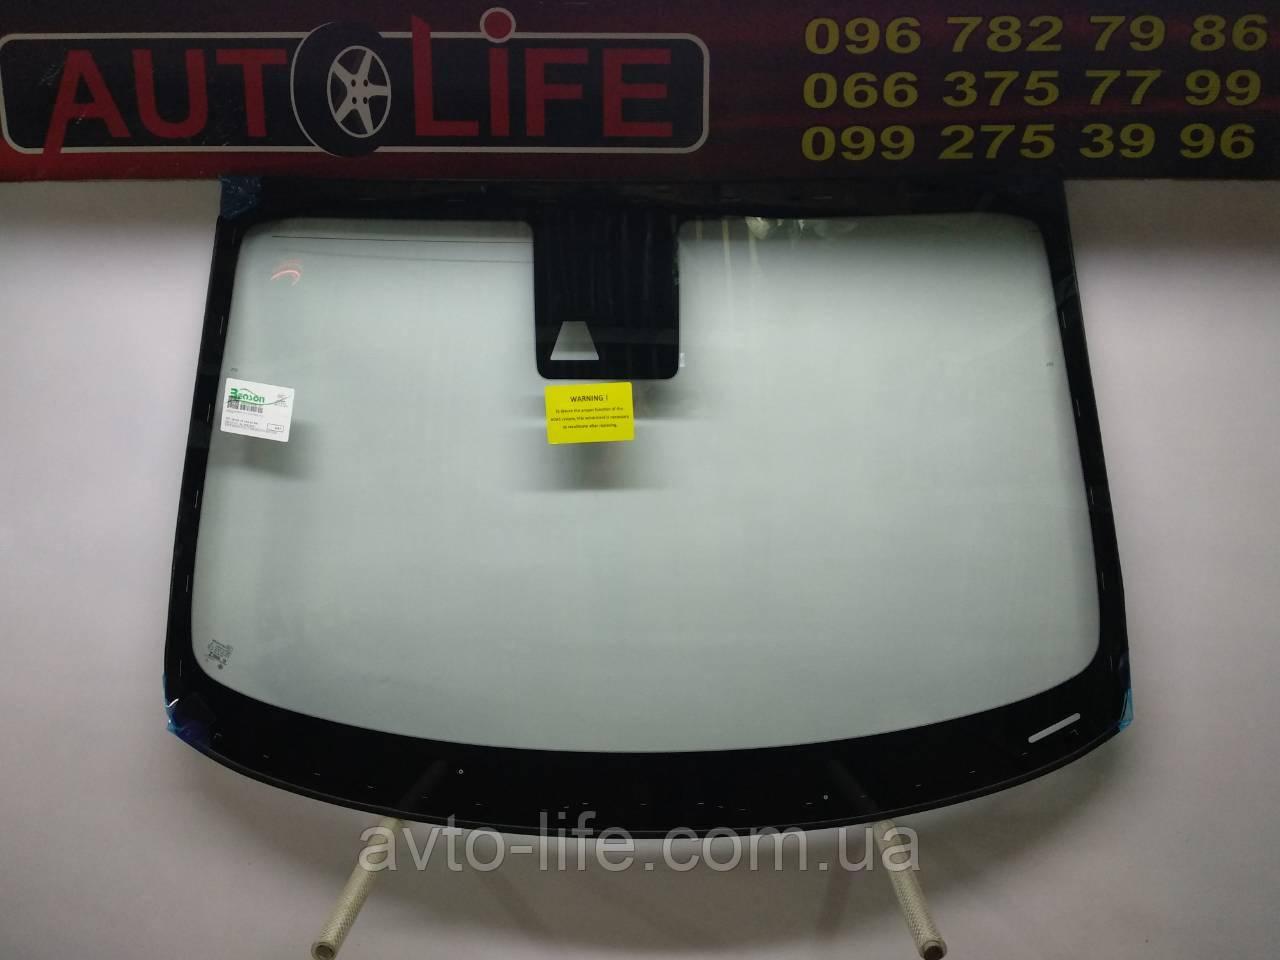 Лобовое стекло Chevrolet Volt (Хетчбек) (2012-2018) |Автоскло Шевроле Вольт| Лобовое стекло Шевроле